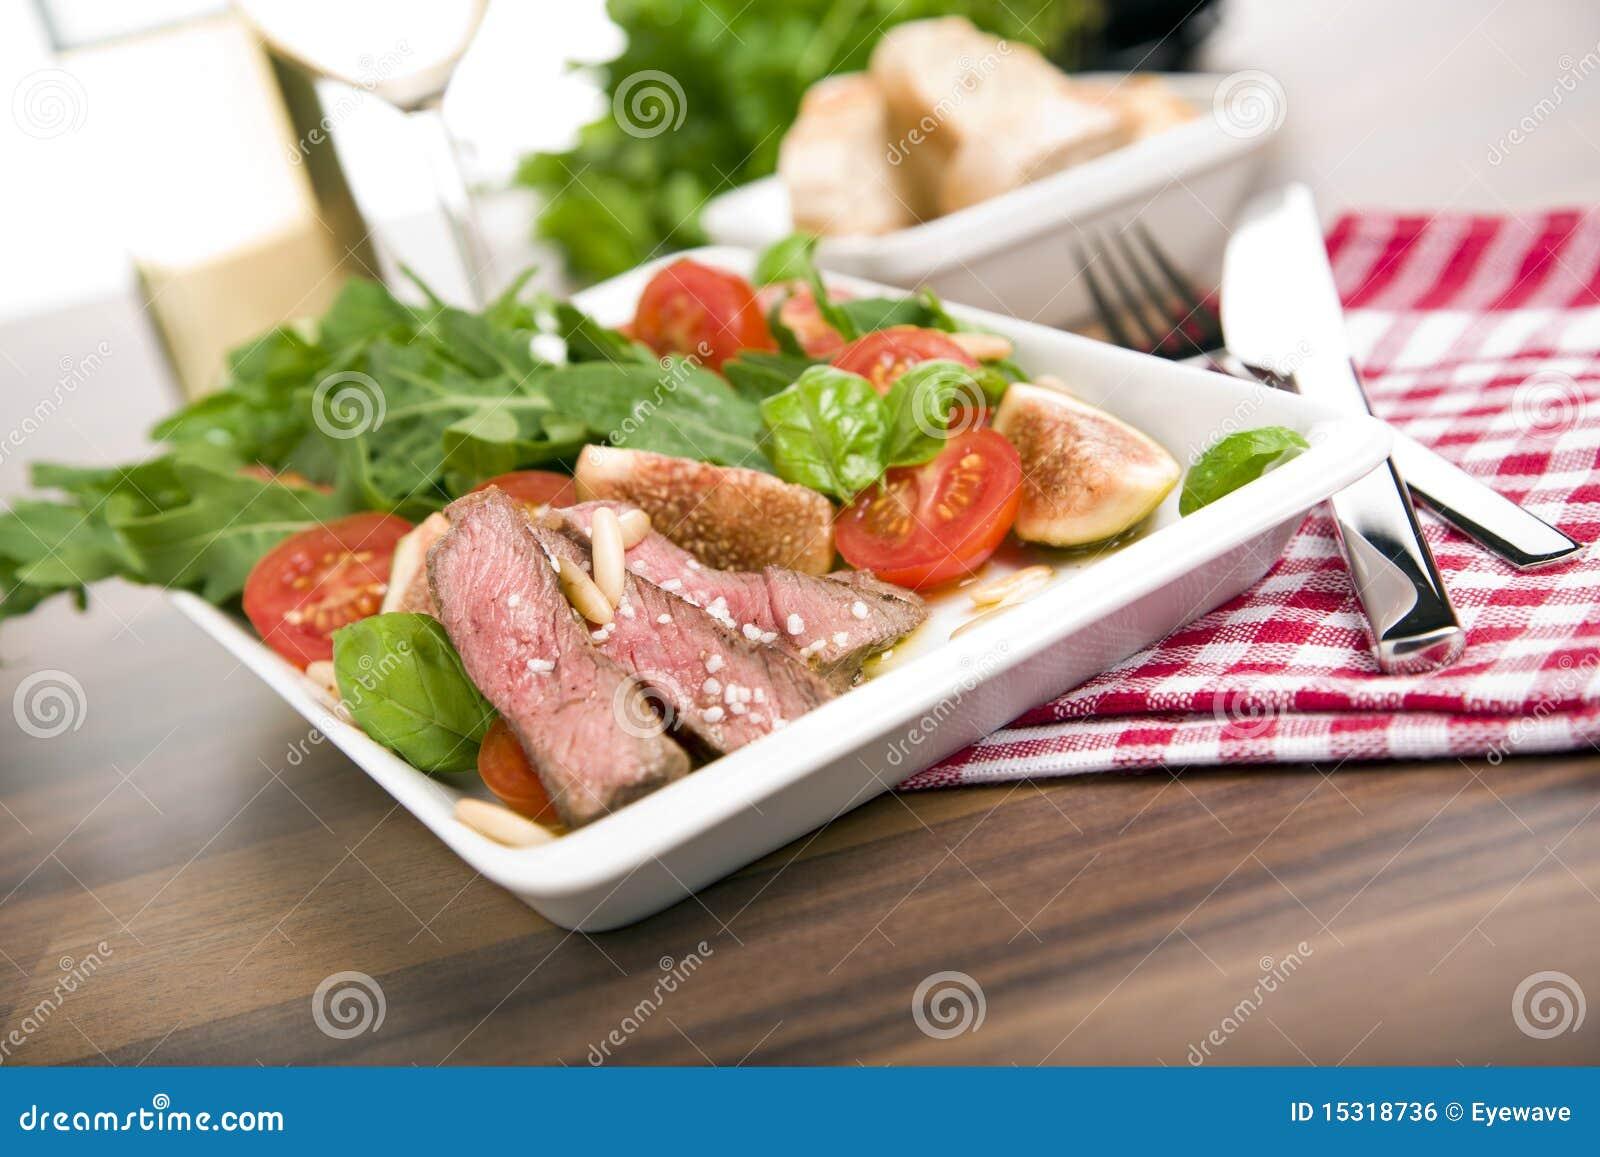 Gesunder Salat mit Bratenrindfleisch, Arugula, Feigen, Tomate